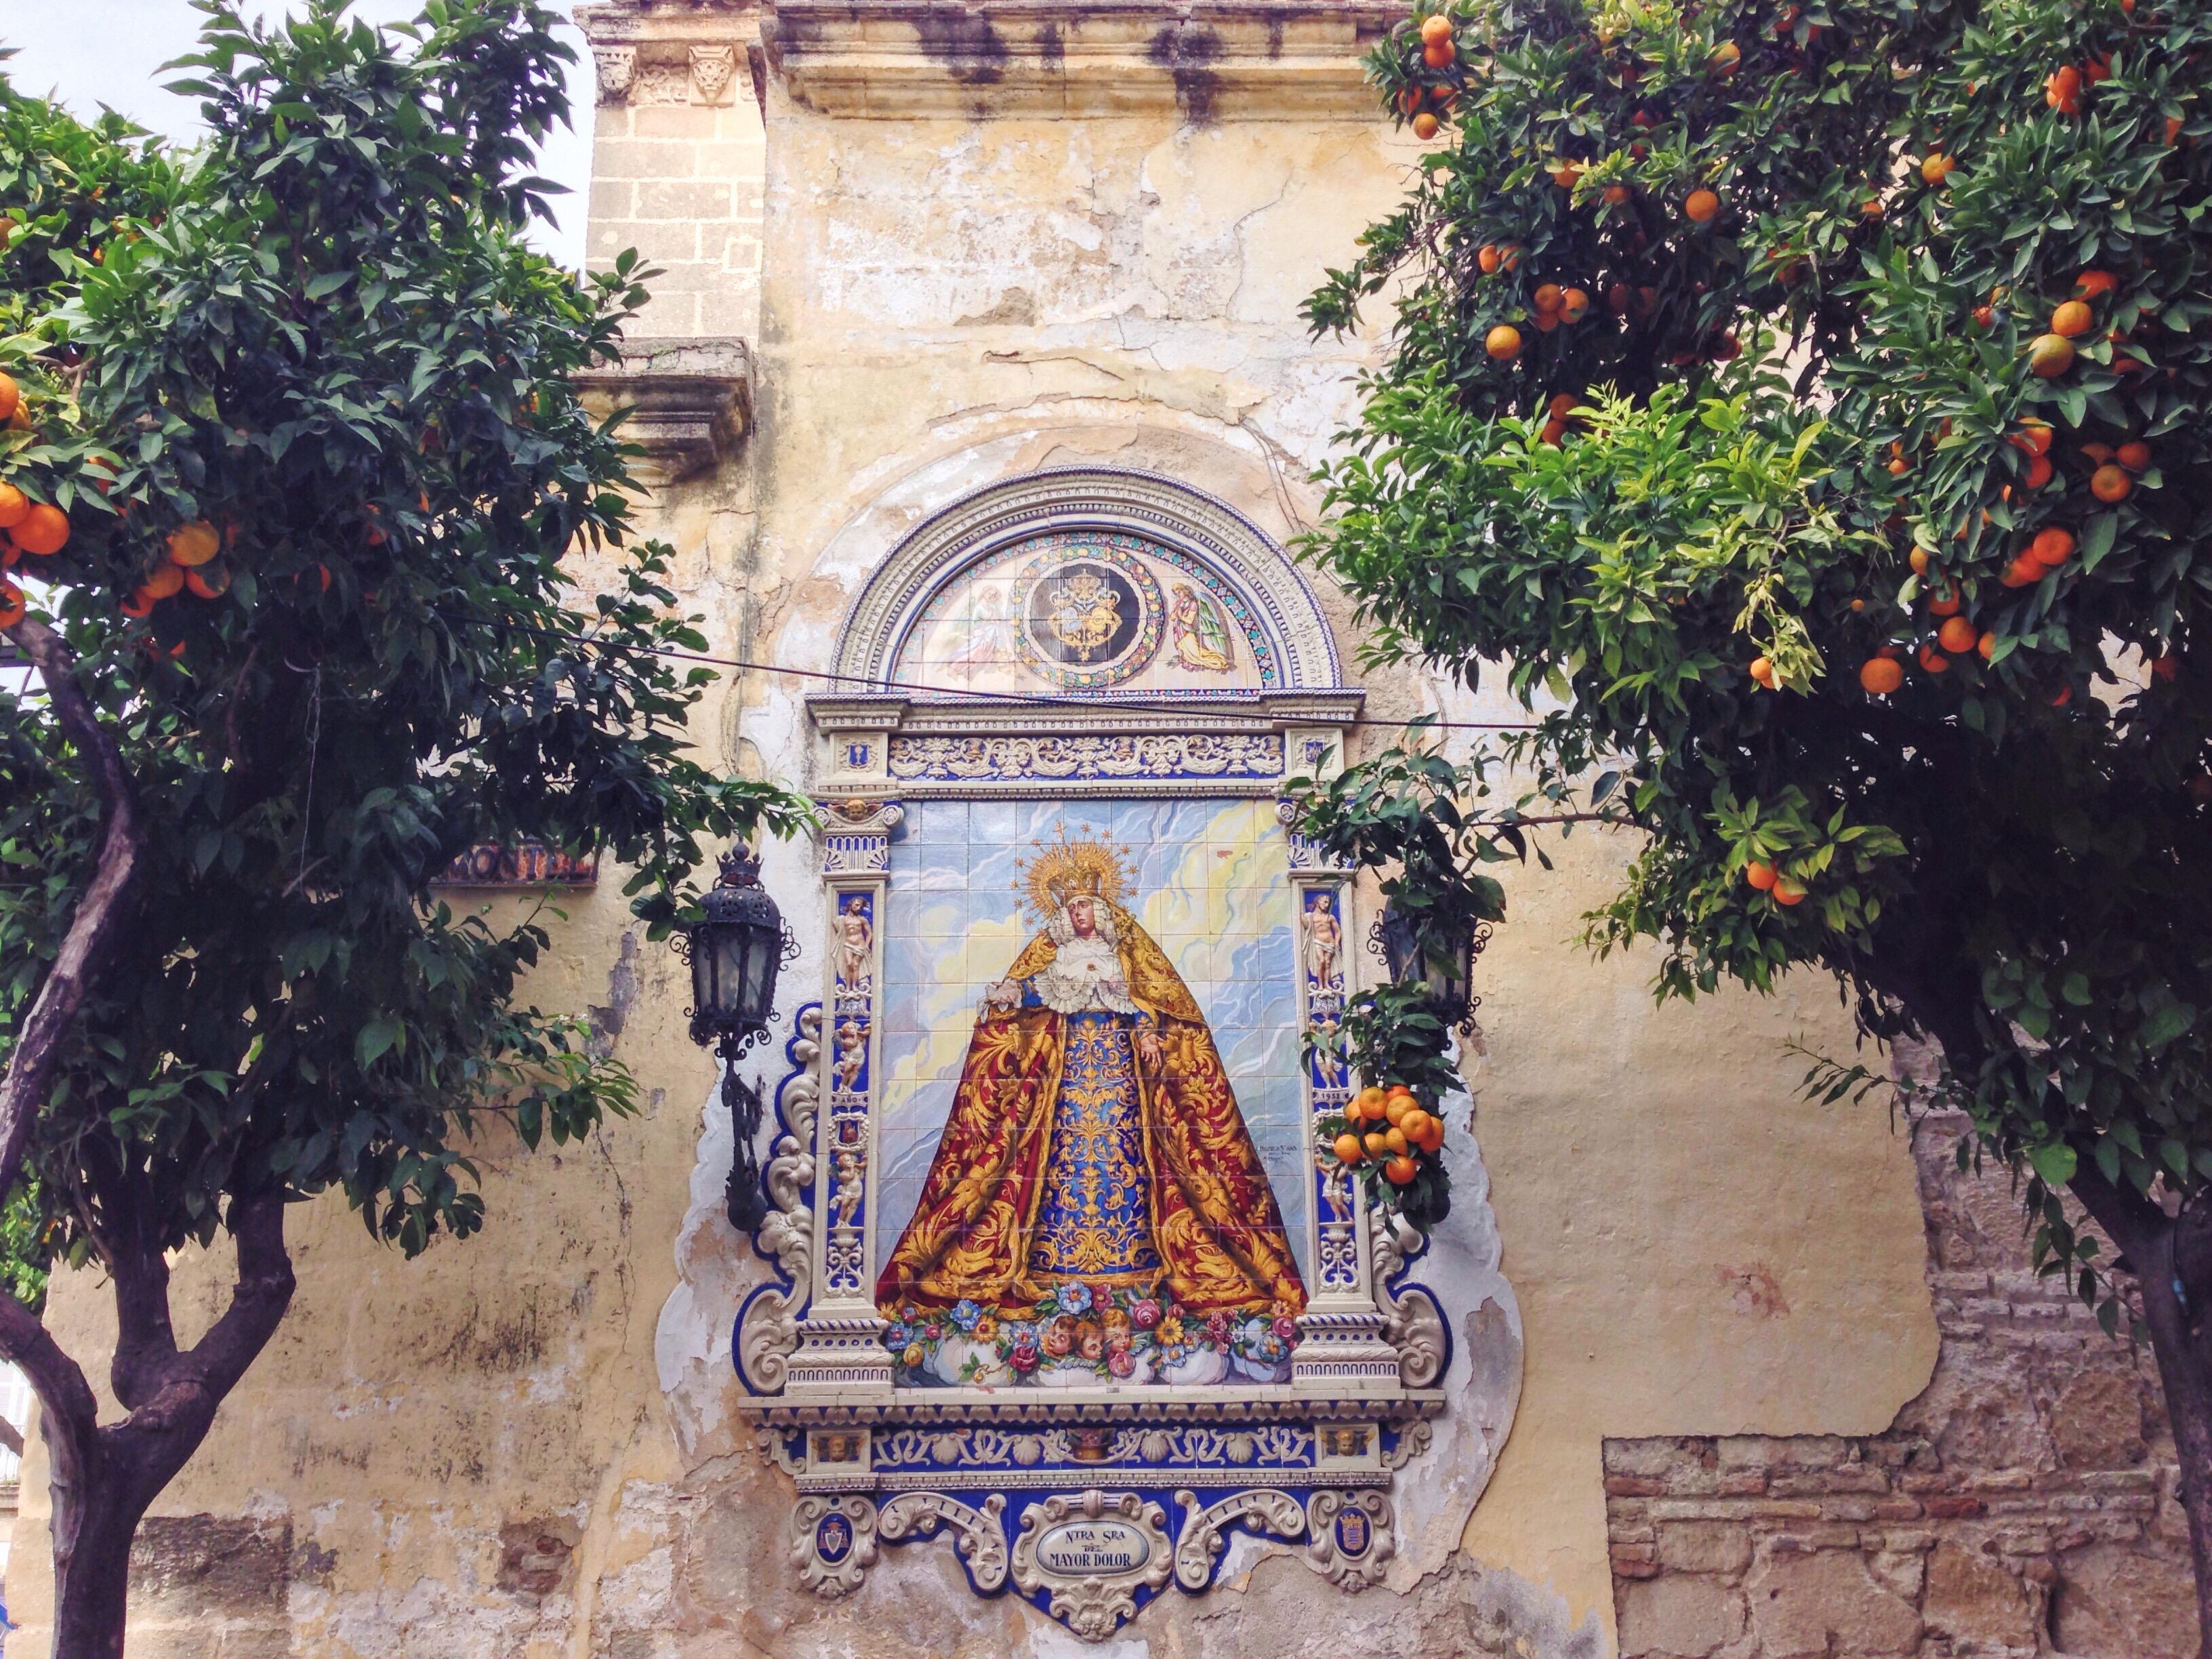 Jerez de la Frontera: arance, tapas, giornate riposanti e chiacchiere in spagnolo